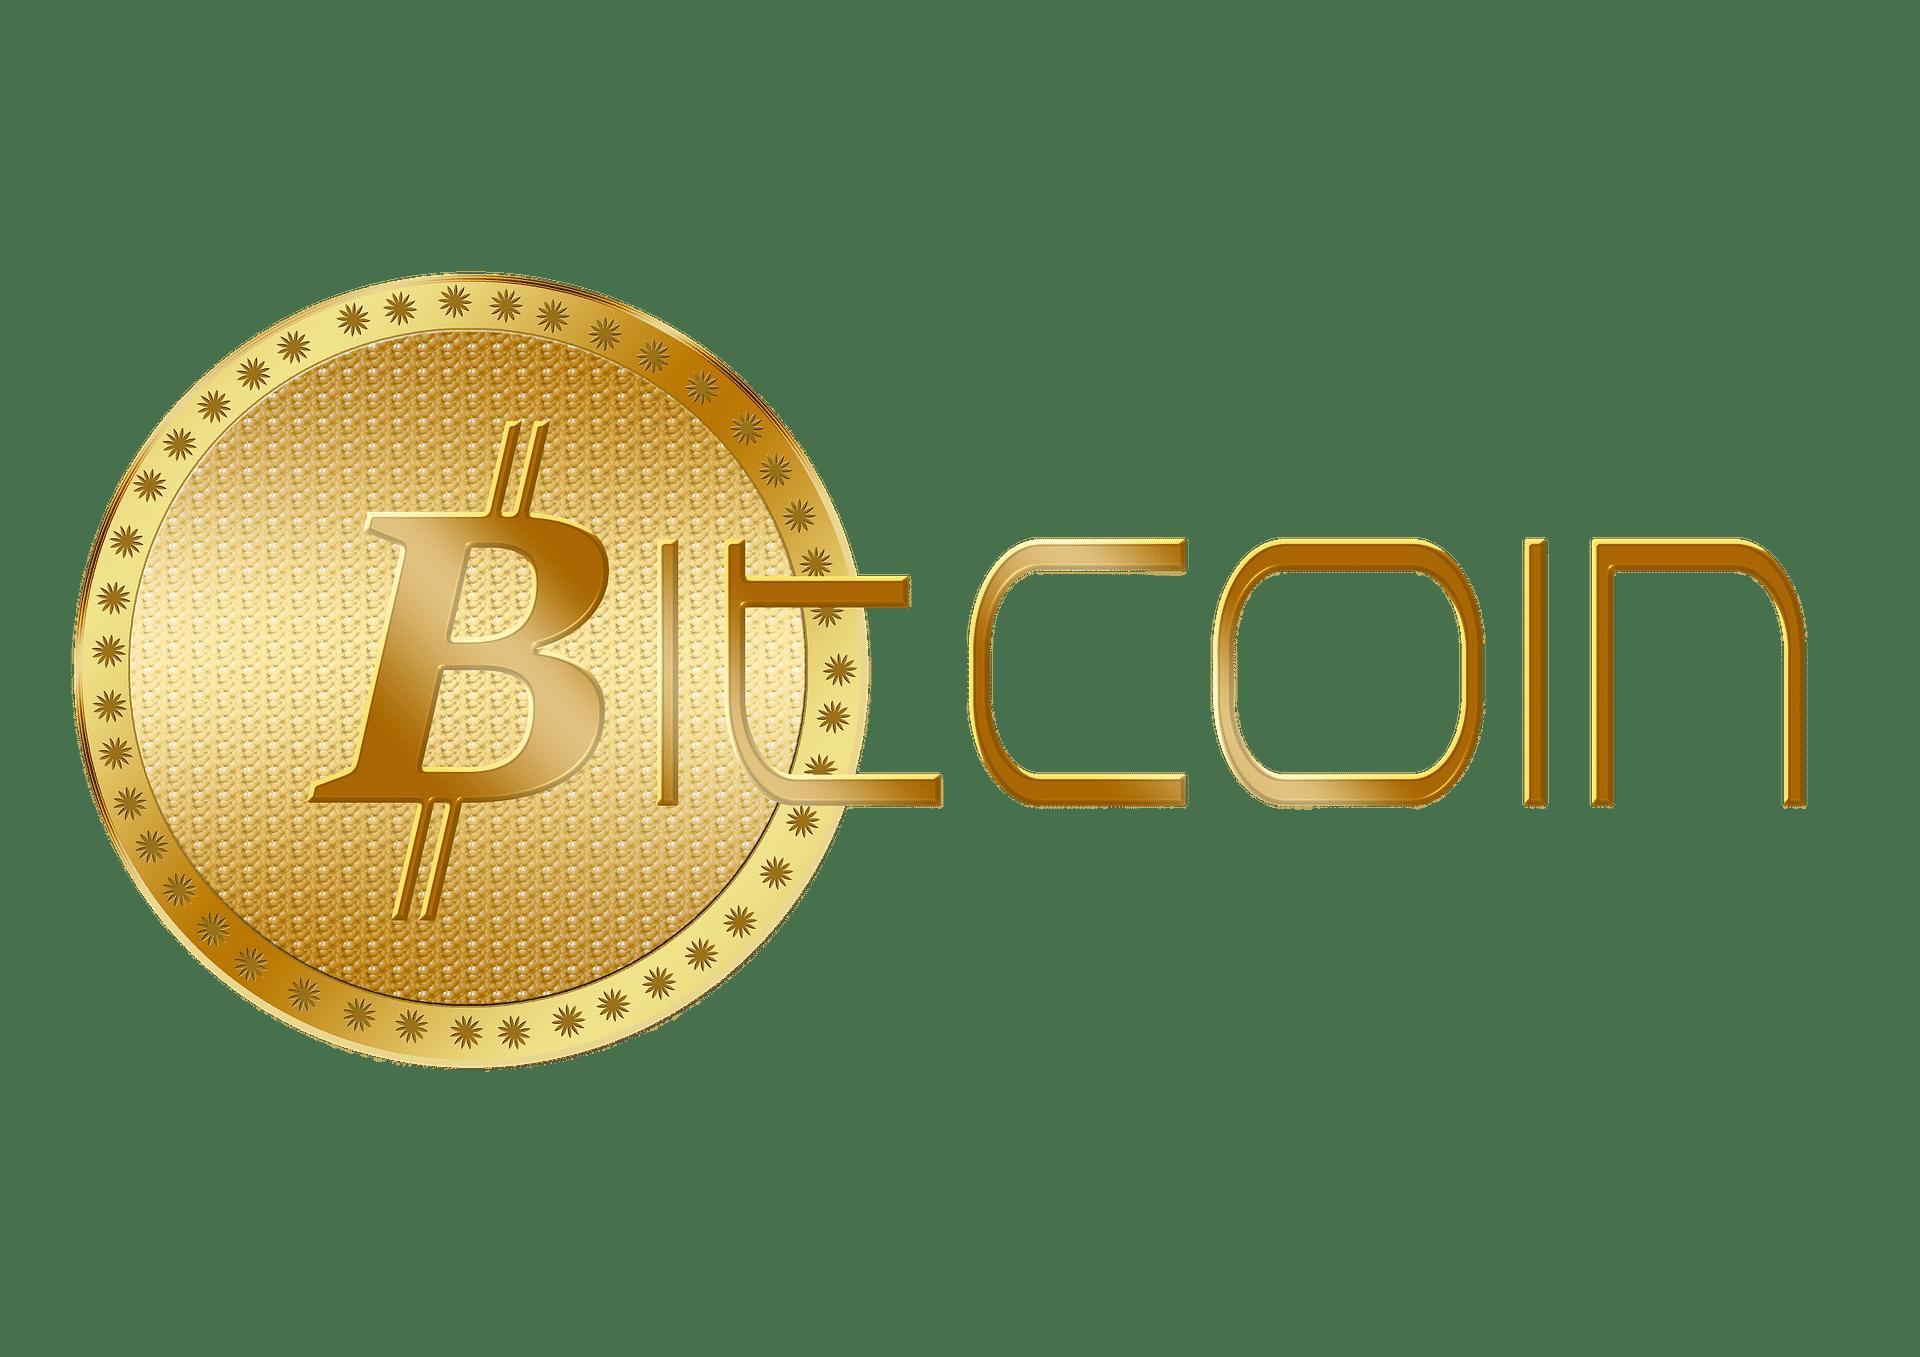 bitcoin-495997_1920